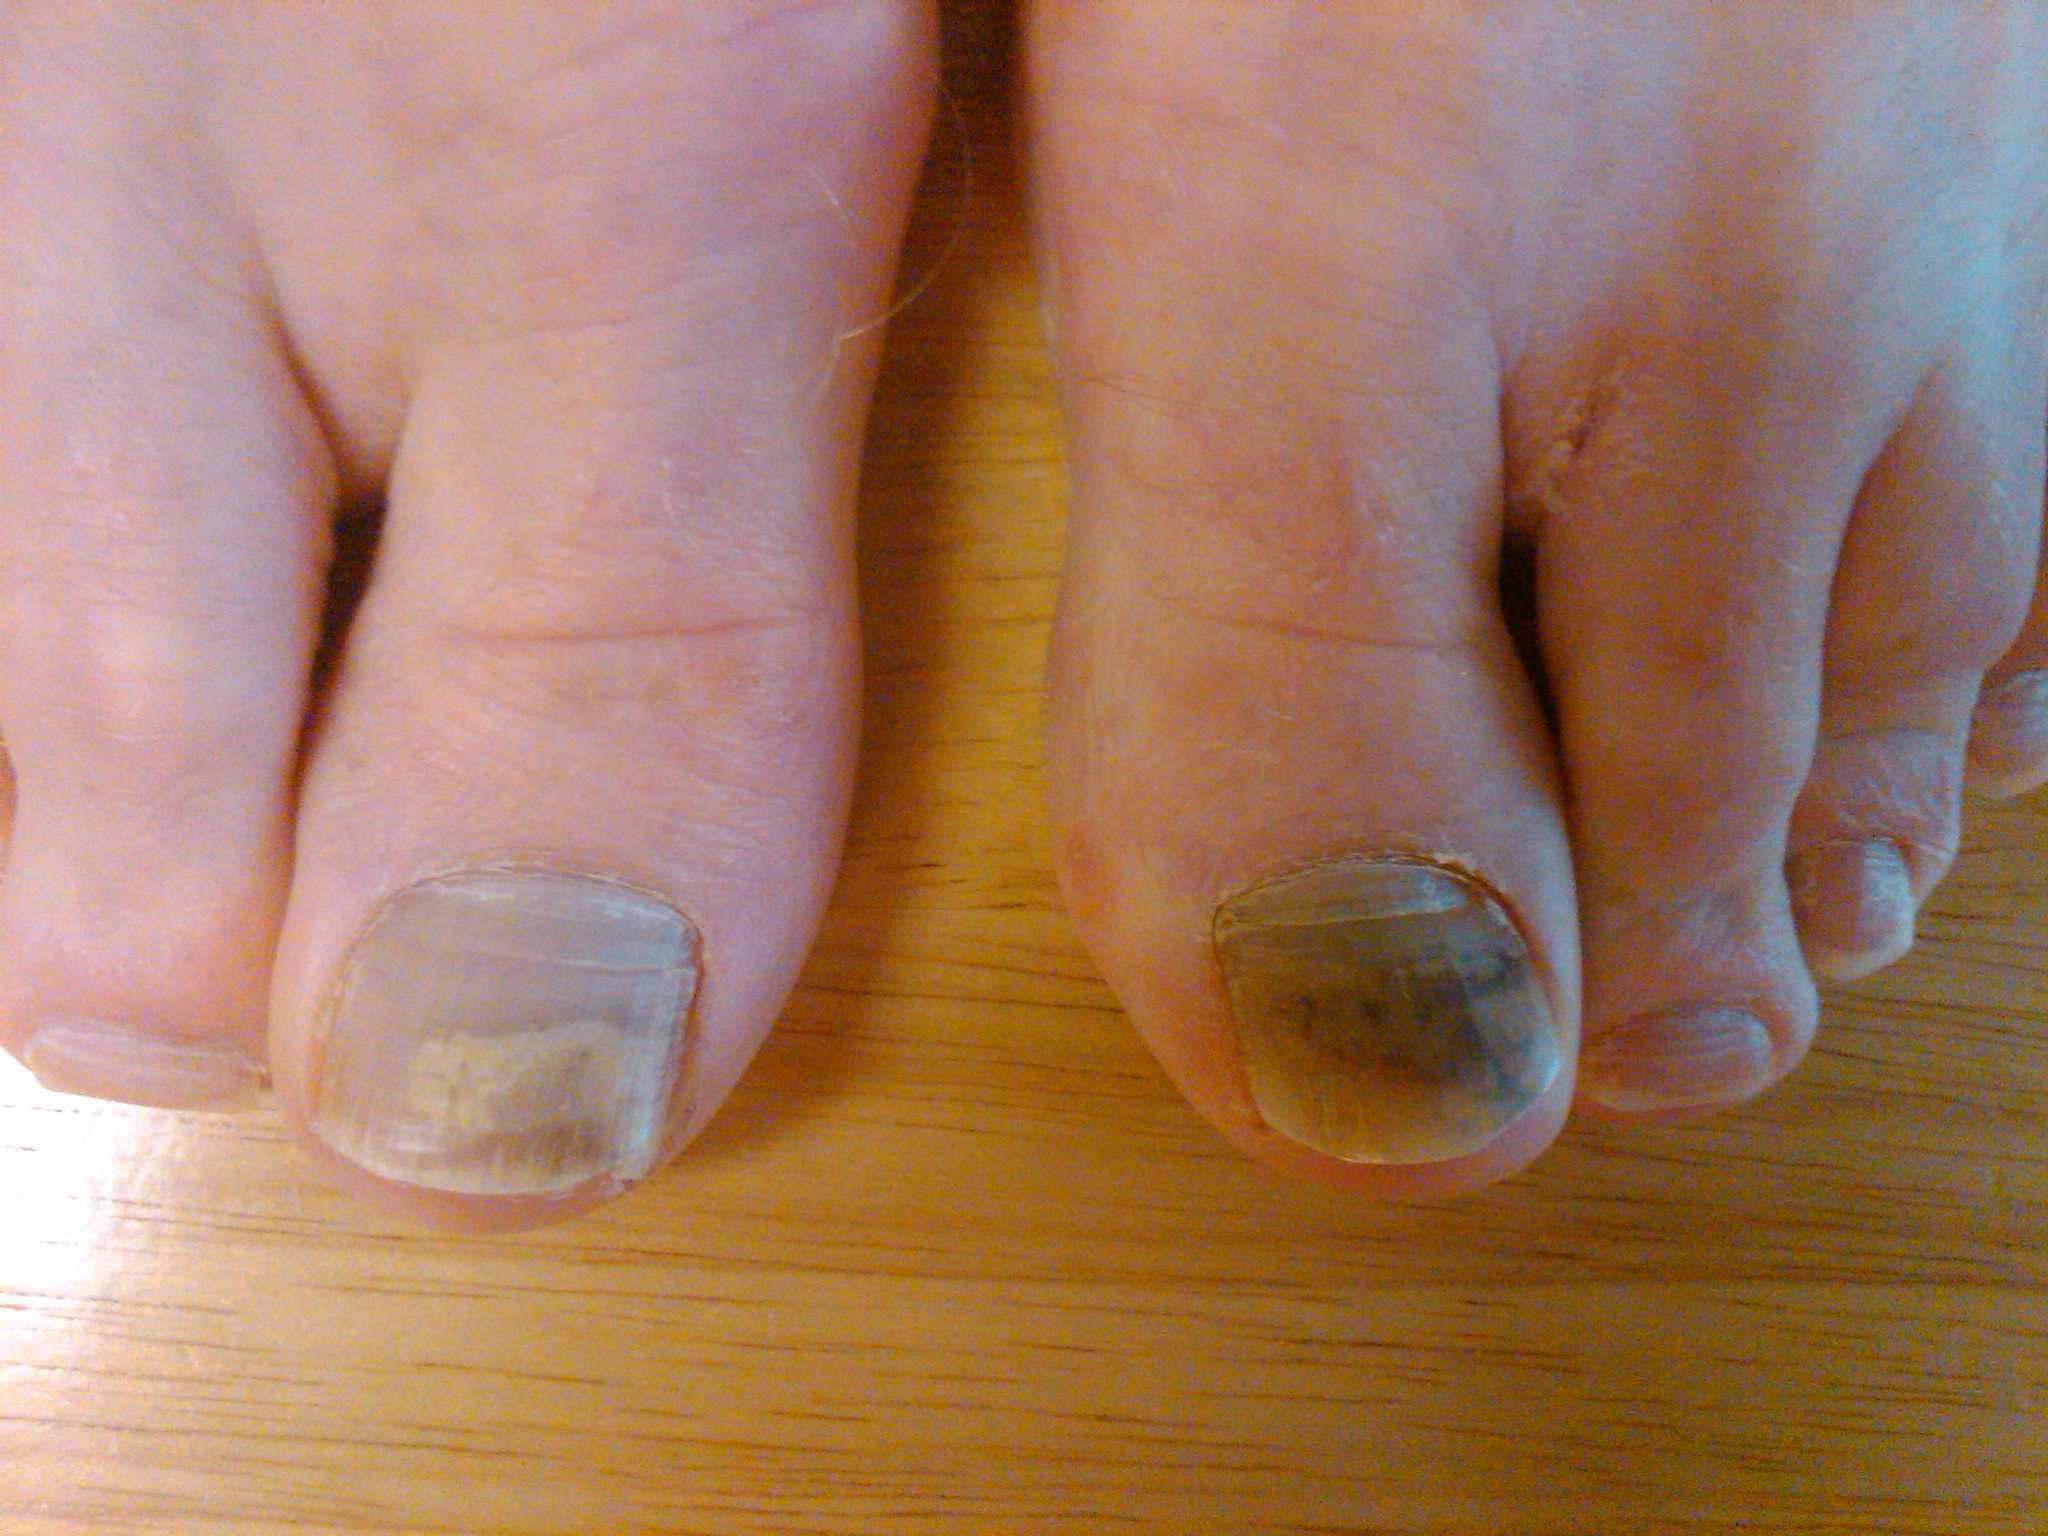 Melanoma toenail 4516477 - cours-particuliers-domicile.info